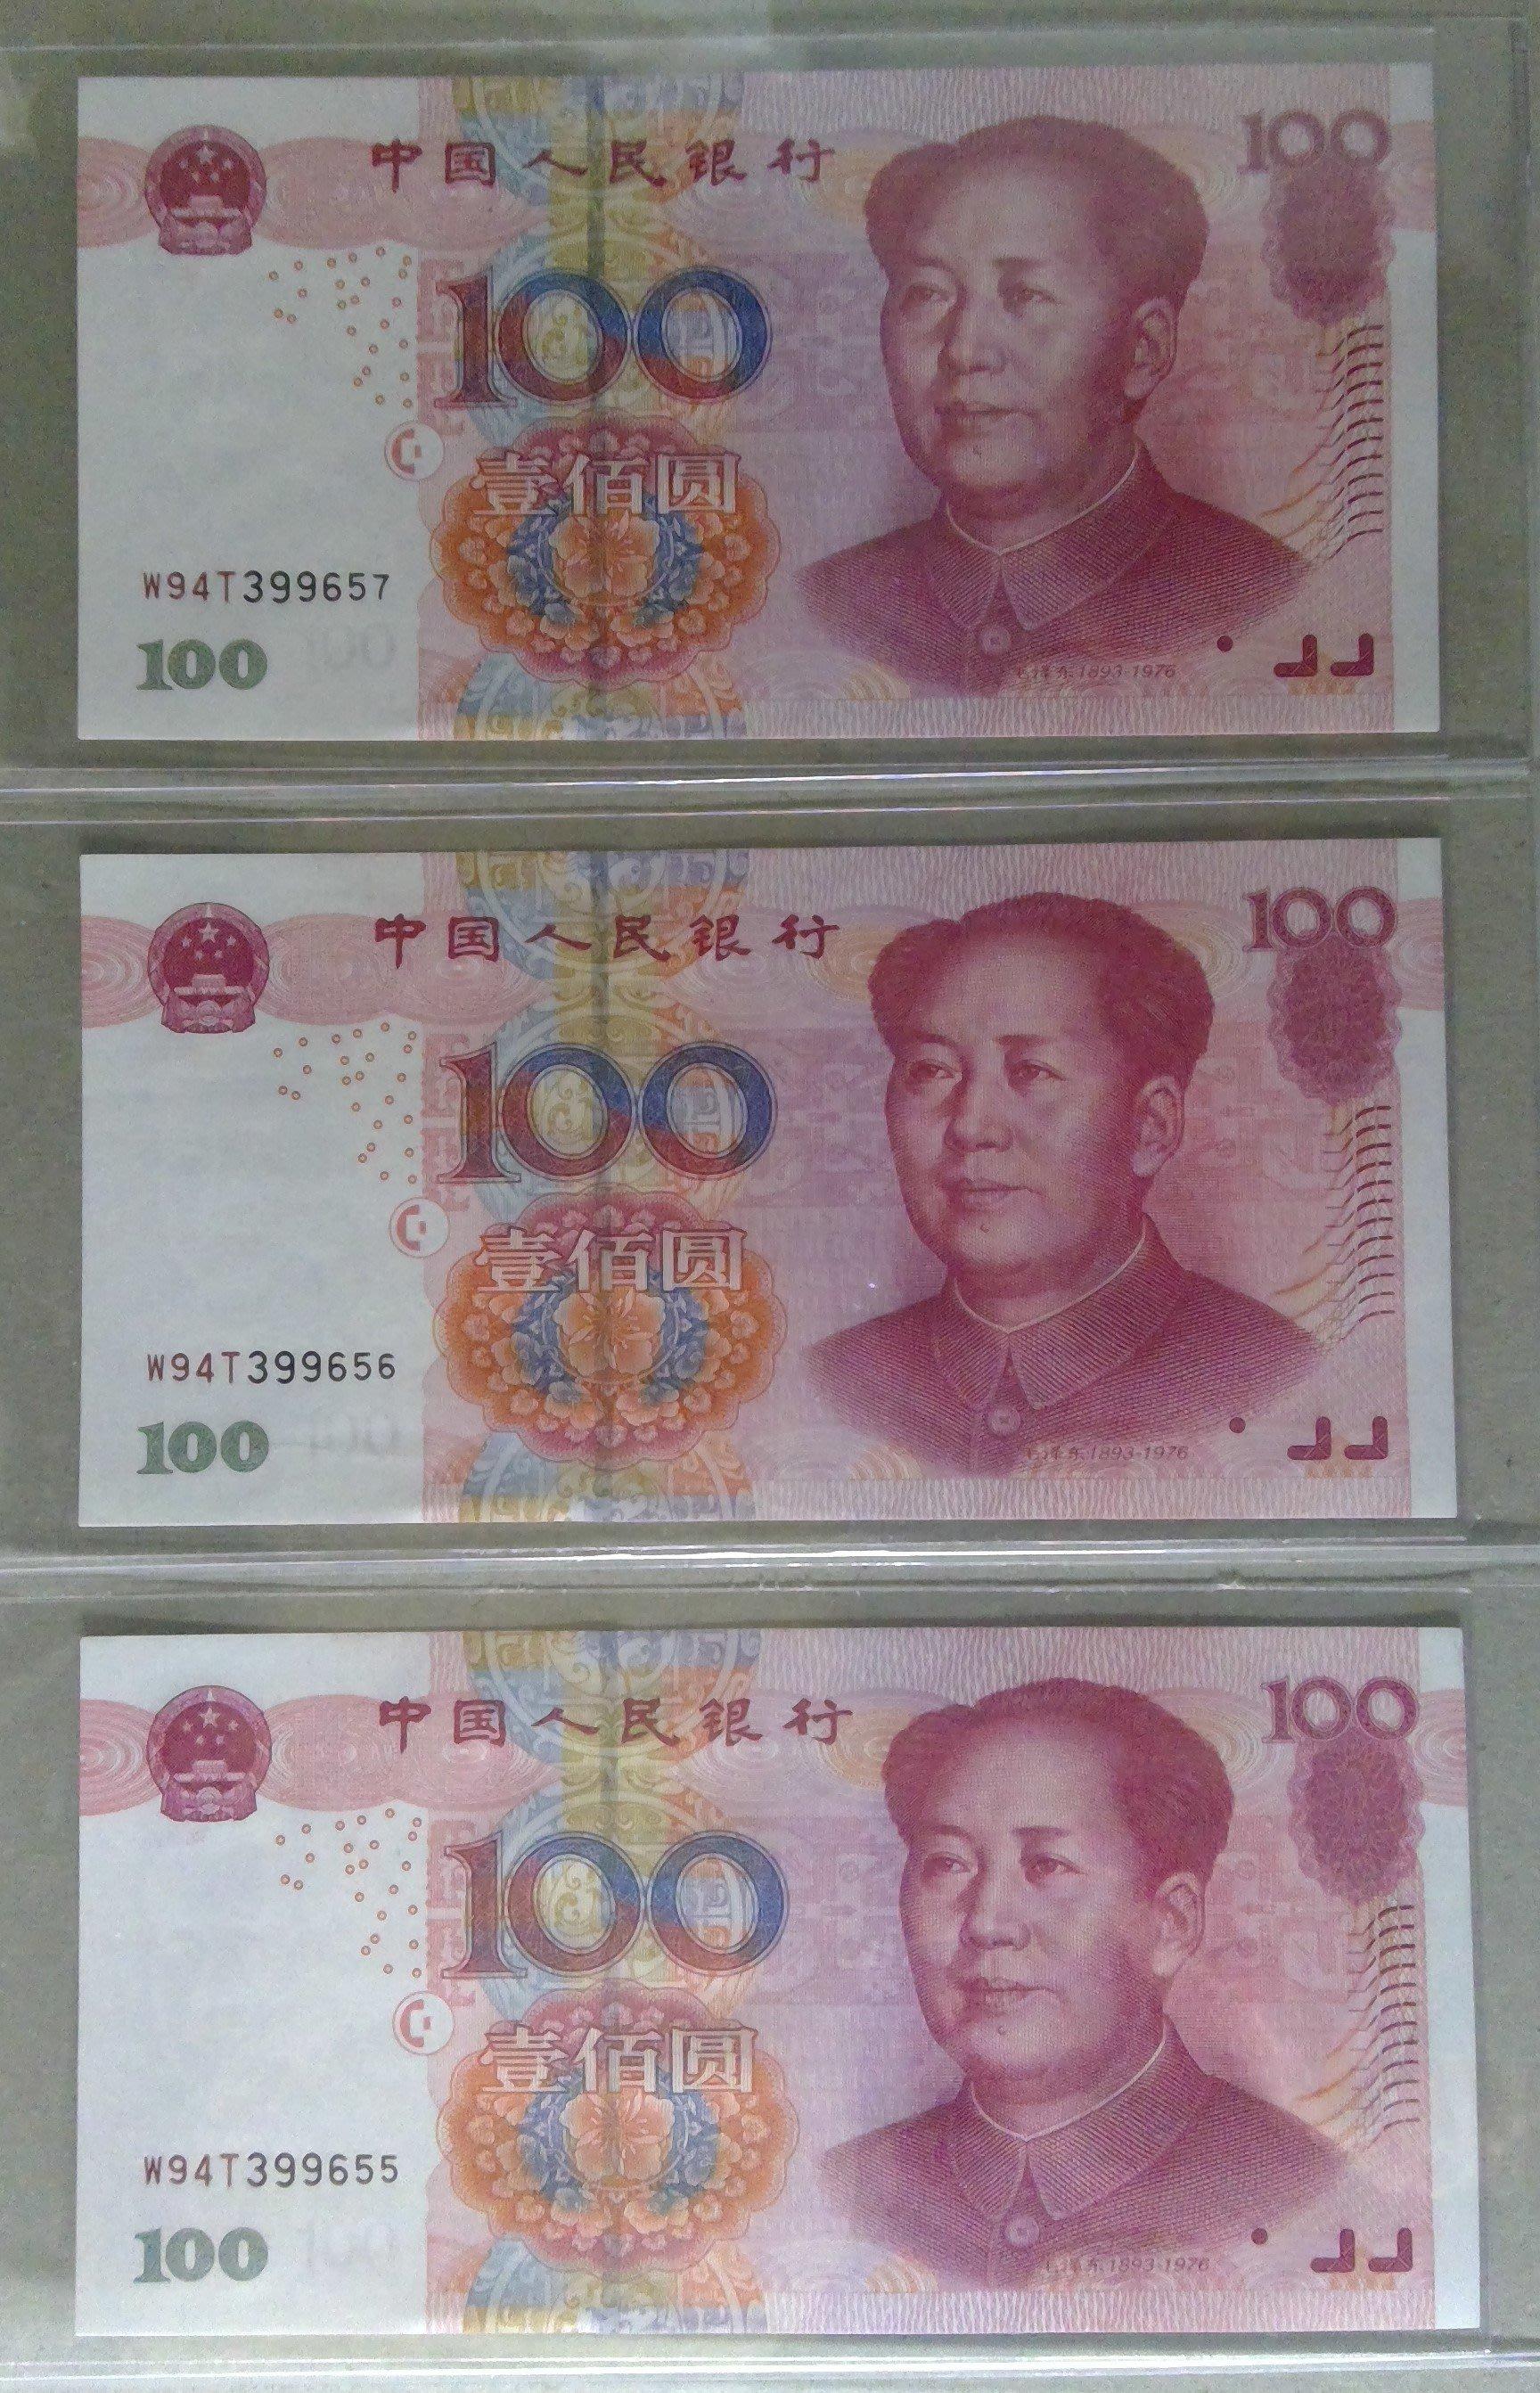 千手集藏§ 人民幣 中國紙鈔 2005年舊版 面額100元 壹佰圓 三張連號一標